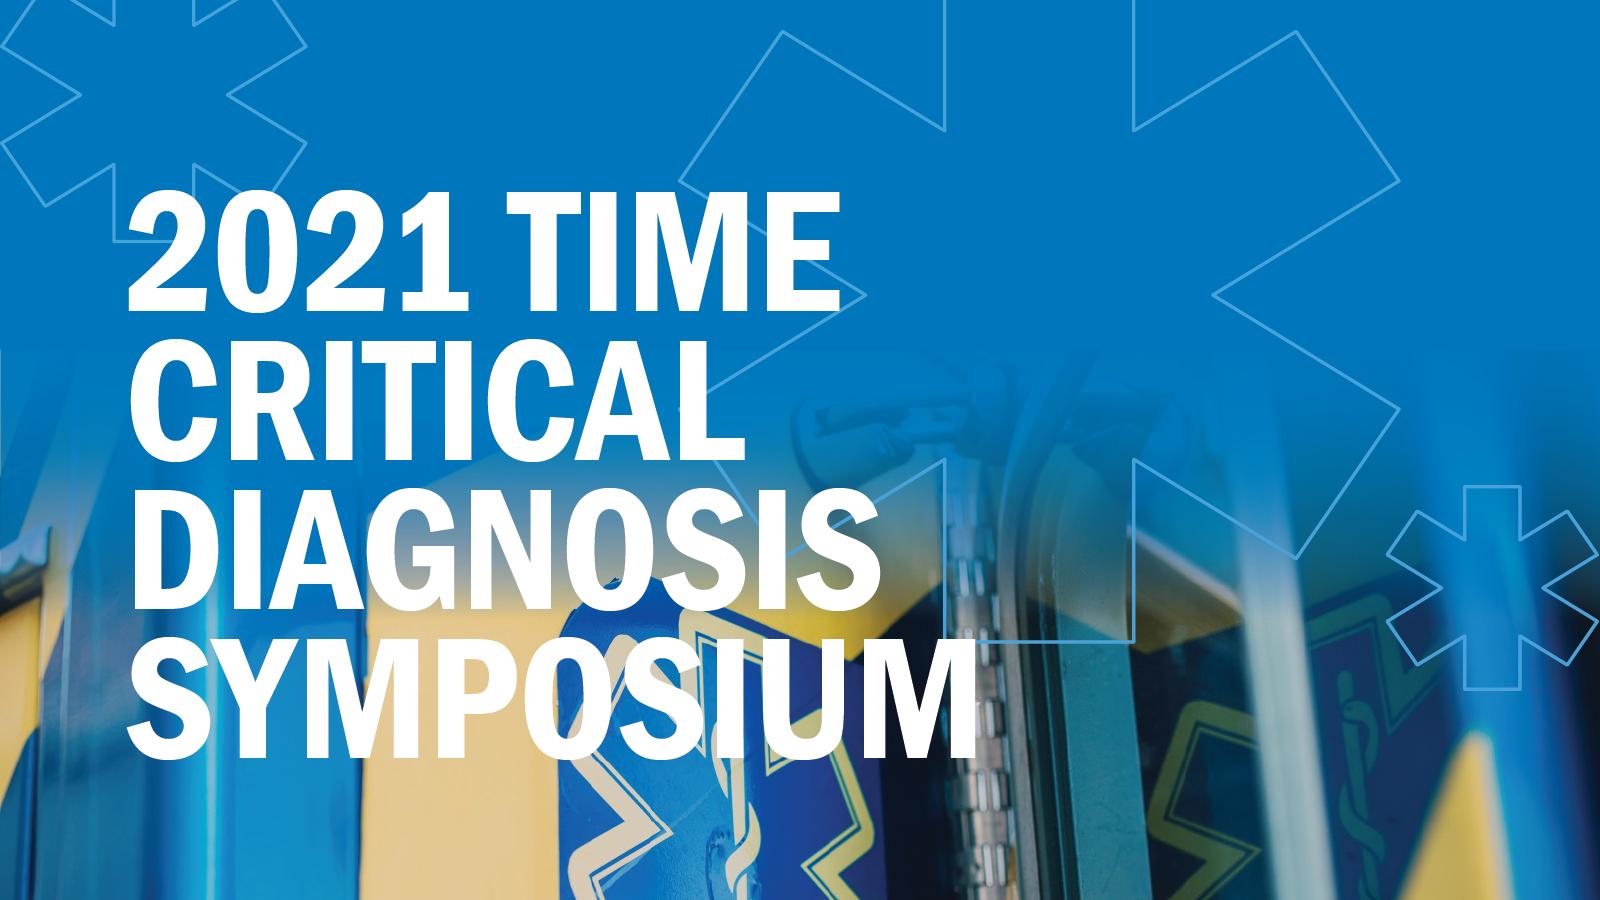 2021 Time Critical Diagnosis Symposium